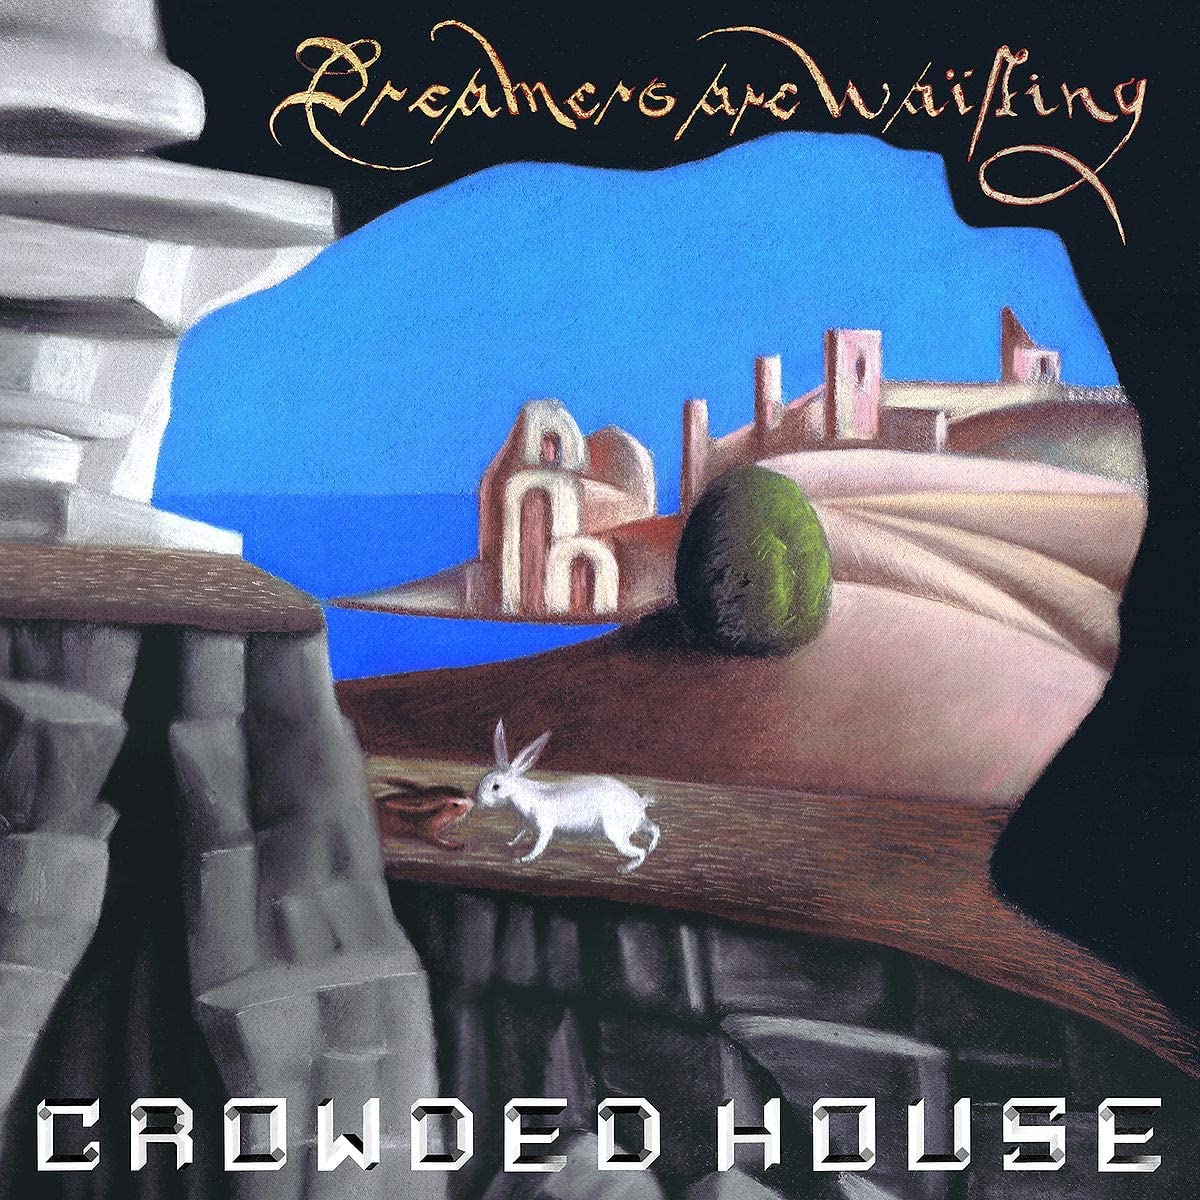 ¿Qué estáis escuchando ahora? - Página 5 23-Crowded-House-Dreamers-Are-Waiting